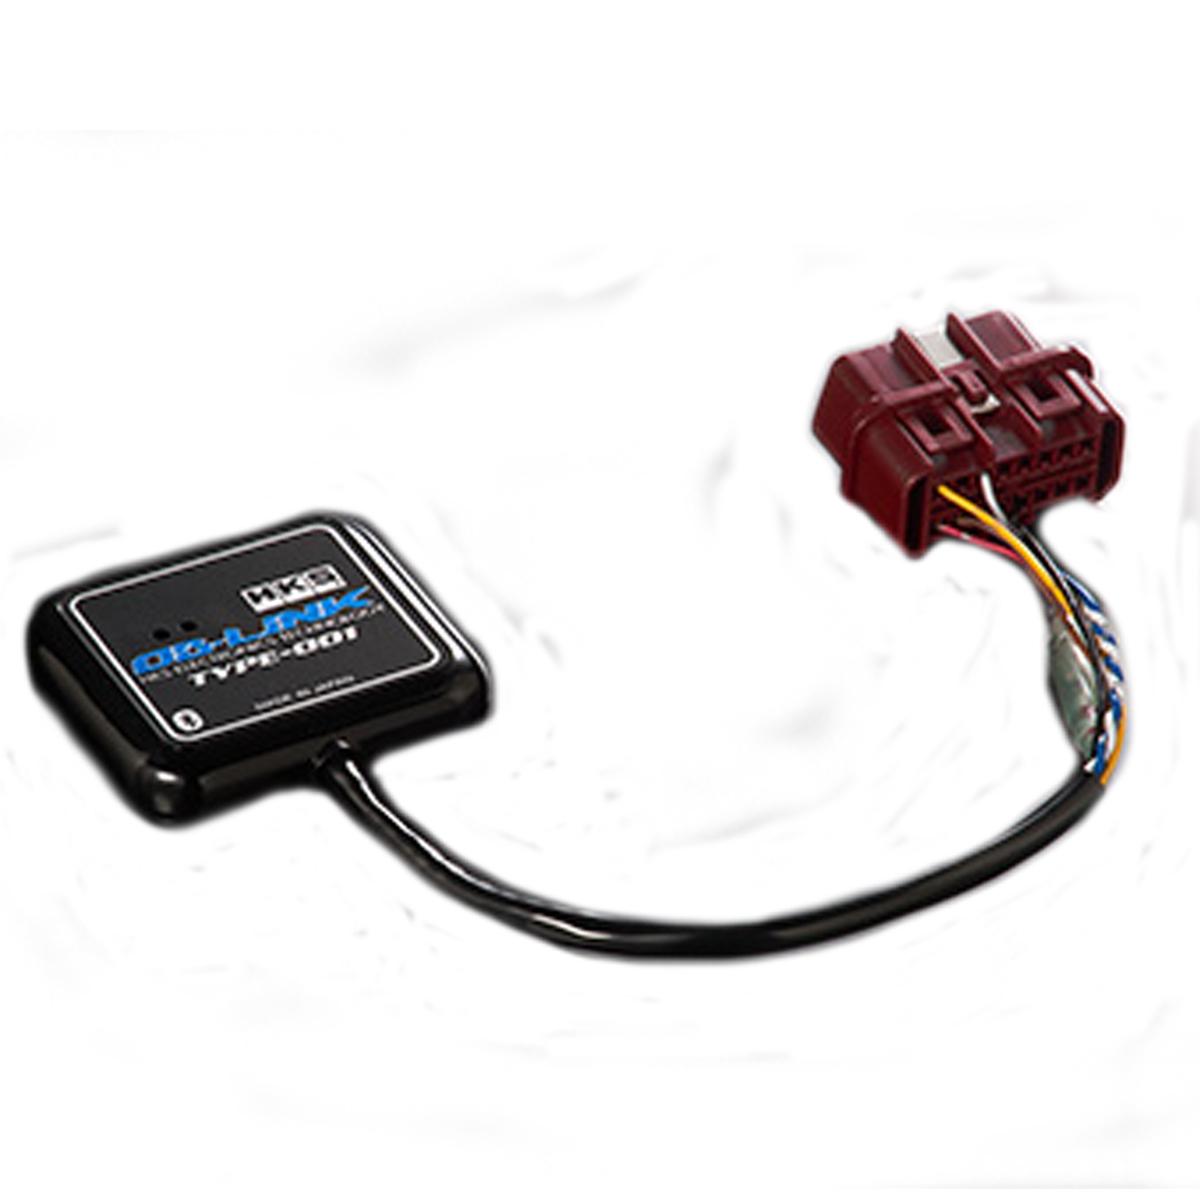 レガシィワゴン レガシー モニター OBリンク タイプ 001 BP9 HKS 44009-AK002 エレクトリニクス